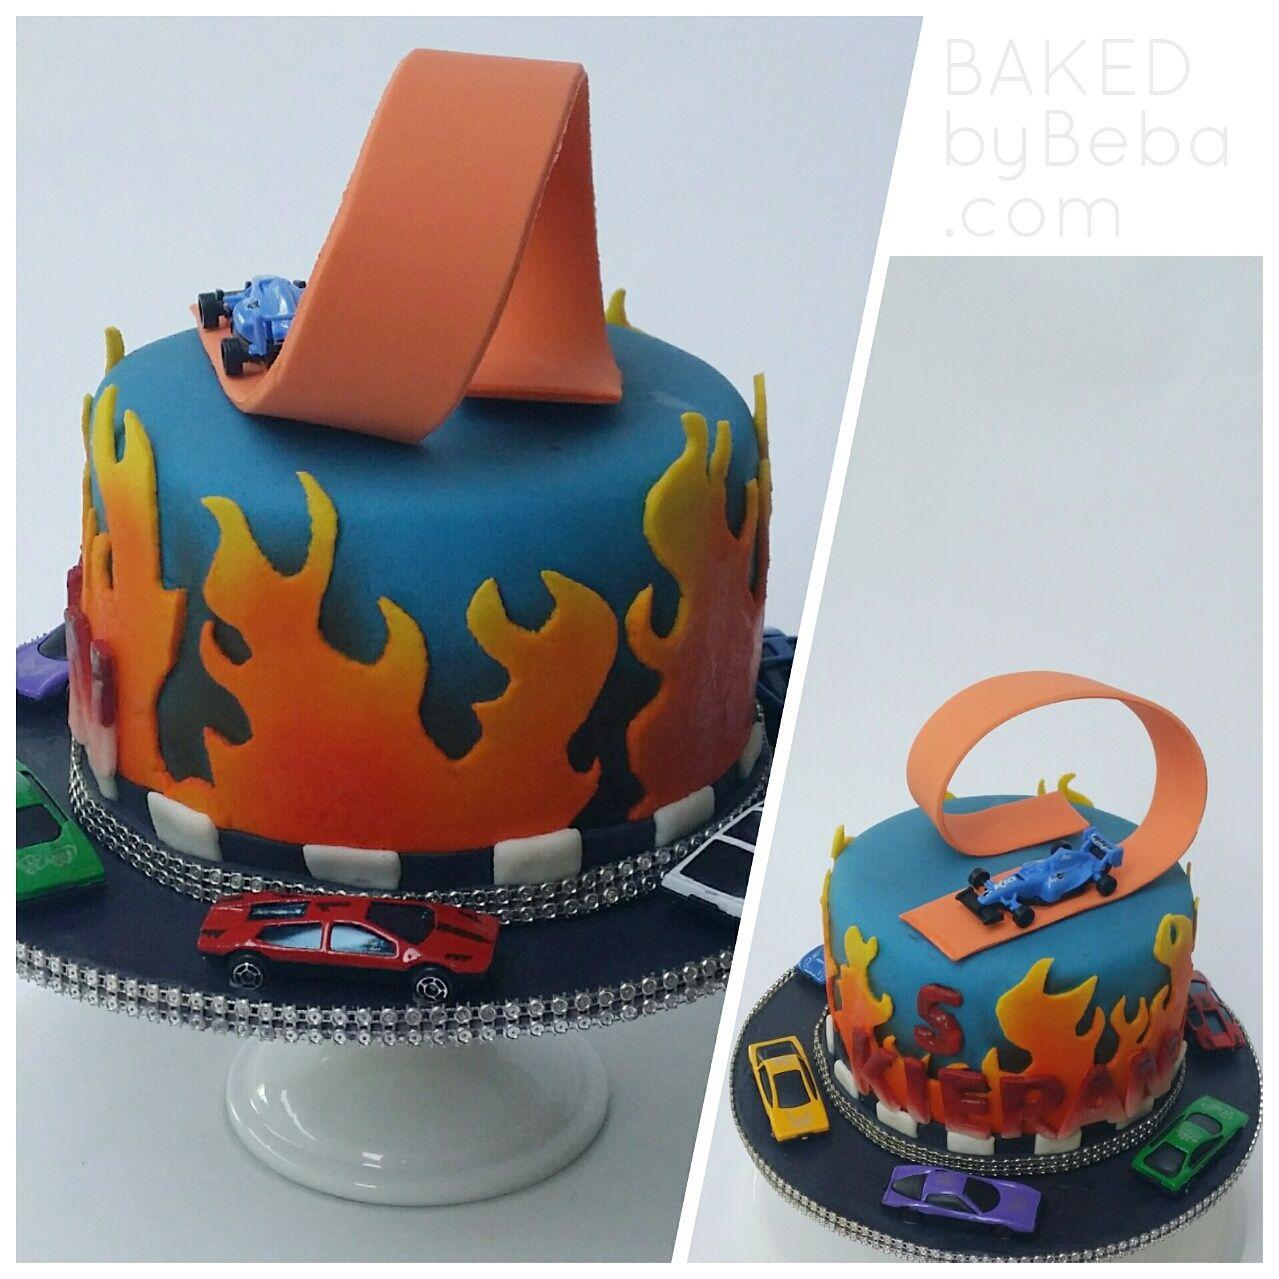 Homemade Cake Birthday 5th